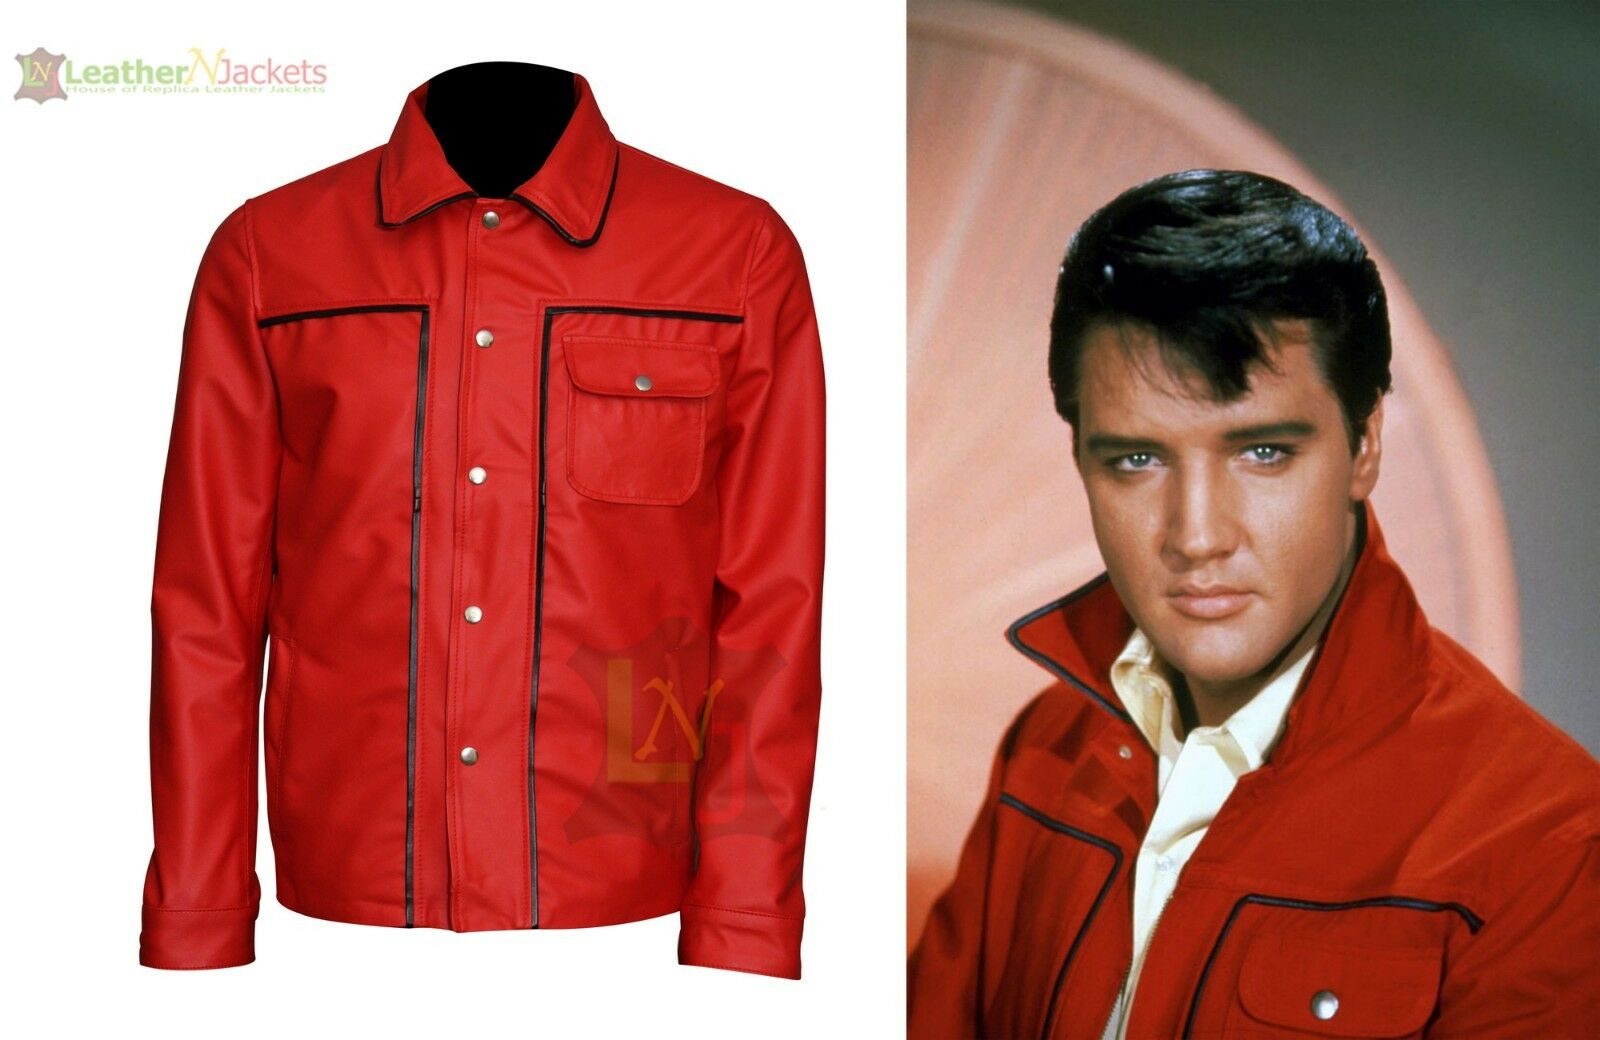 Elvis Presley Celebrity King Of Rock  rot Leather Jacket